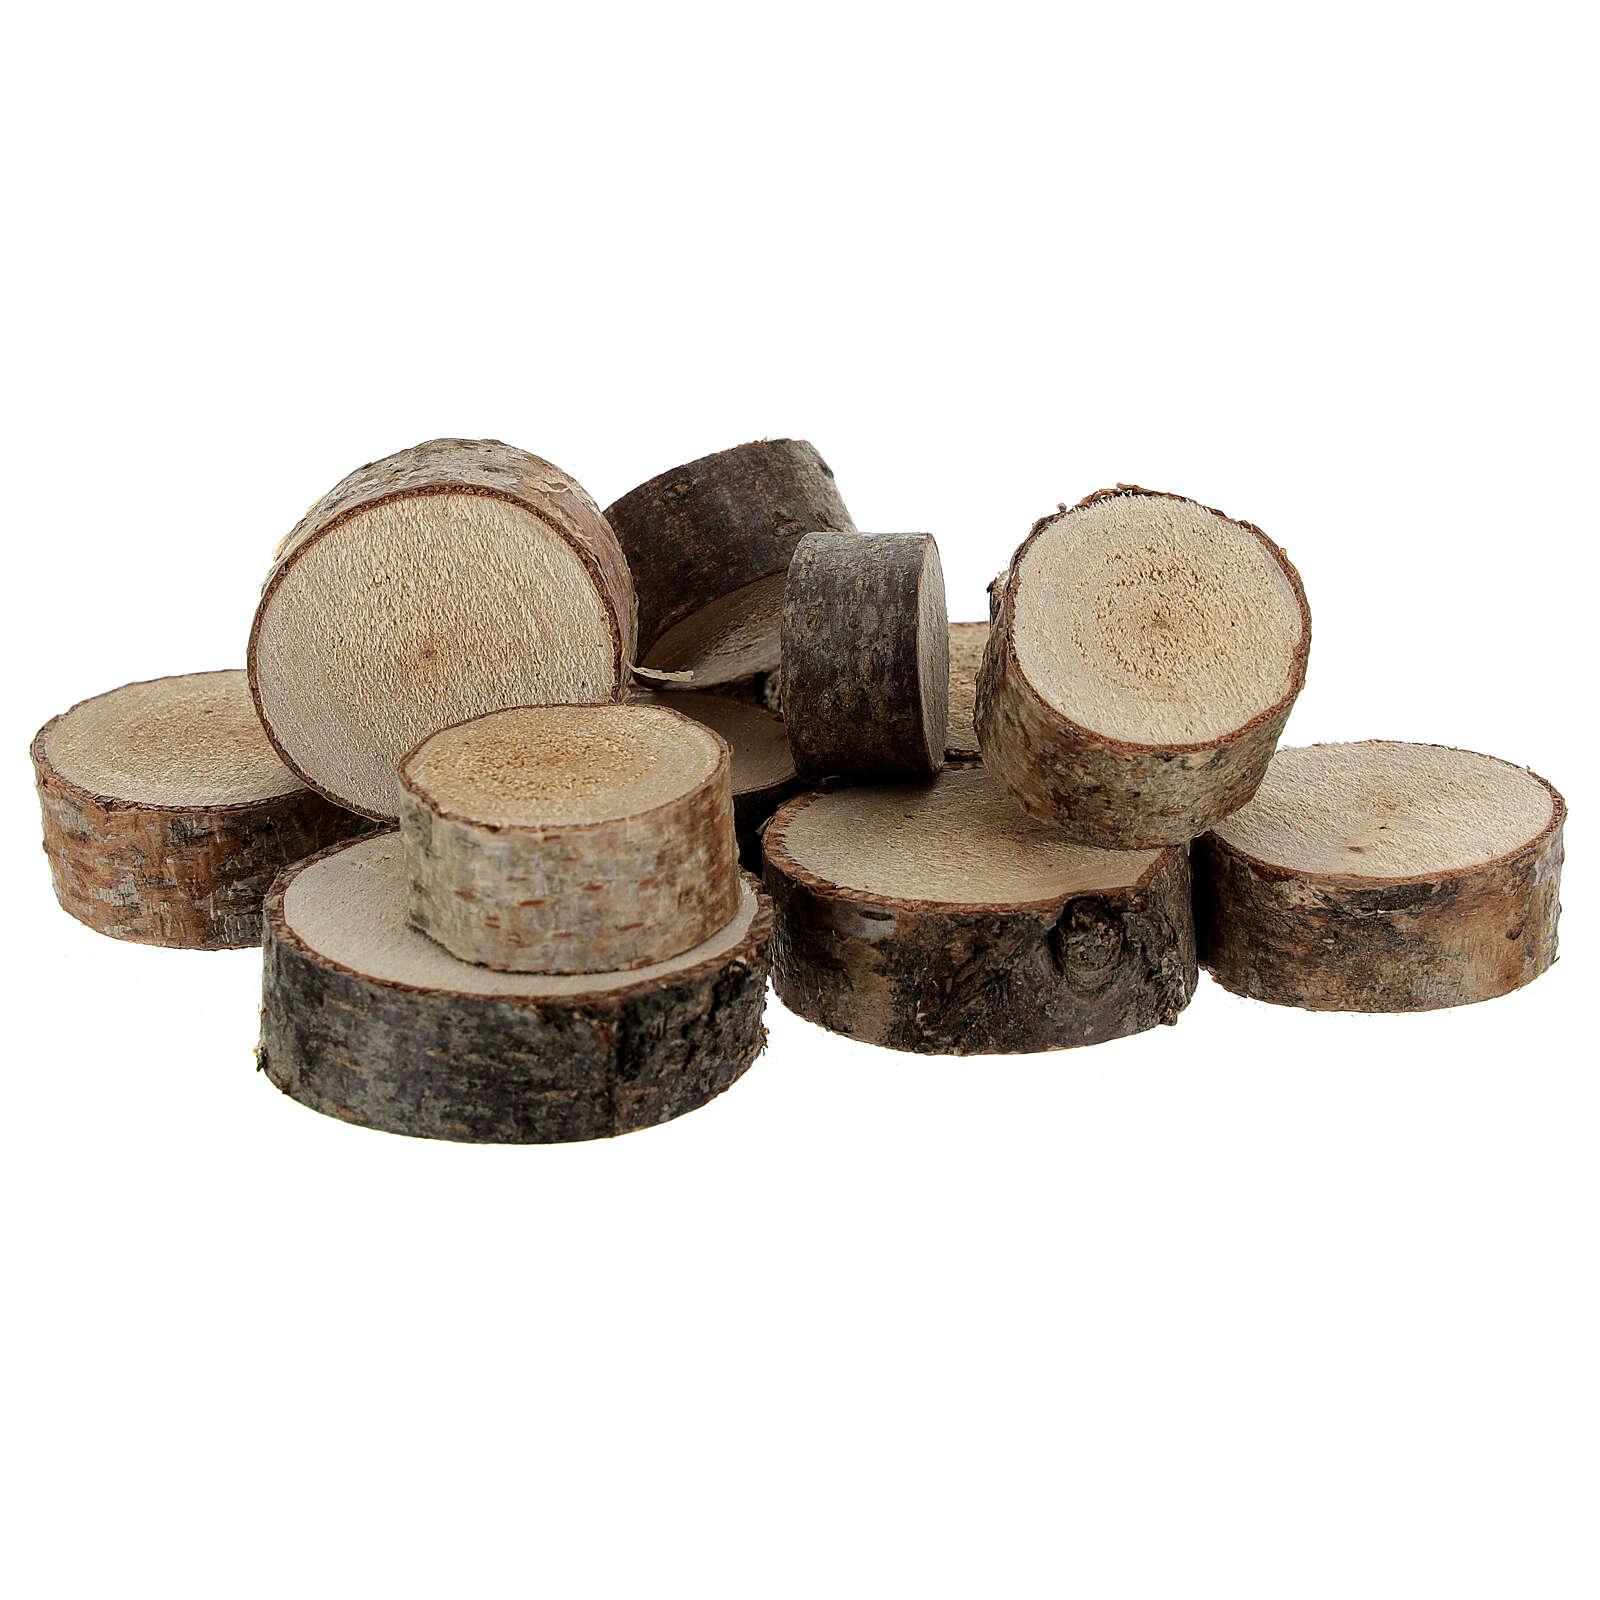 Sezione tronchi diam 2-5 cm 100 gr 4